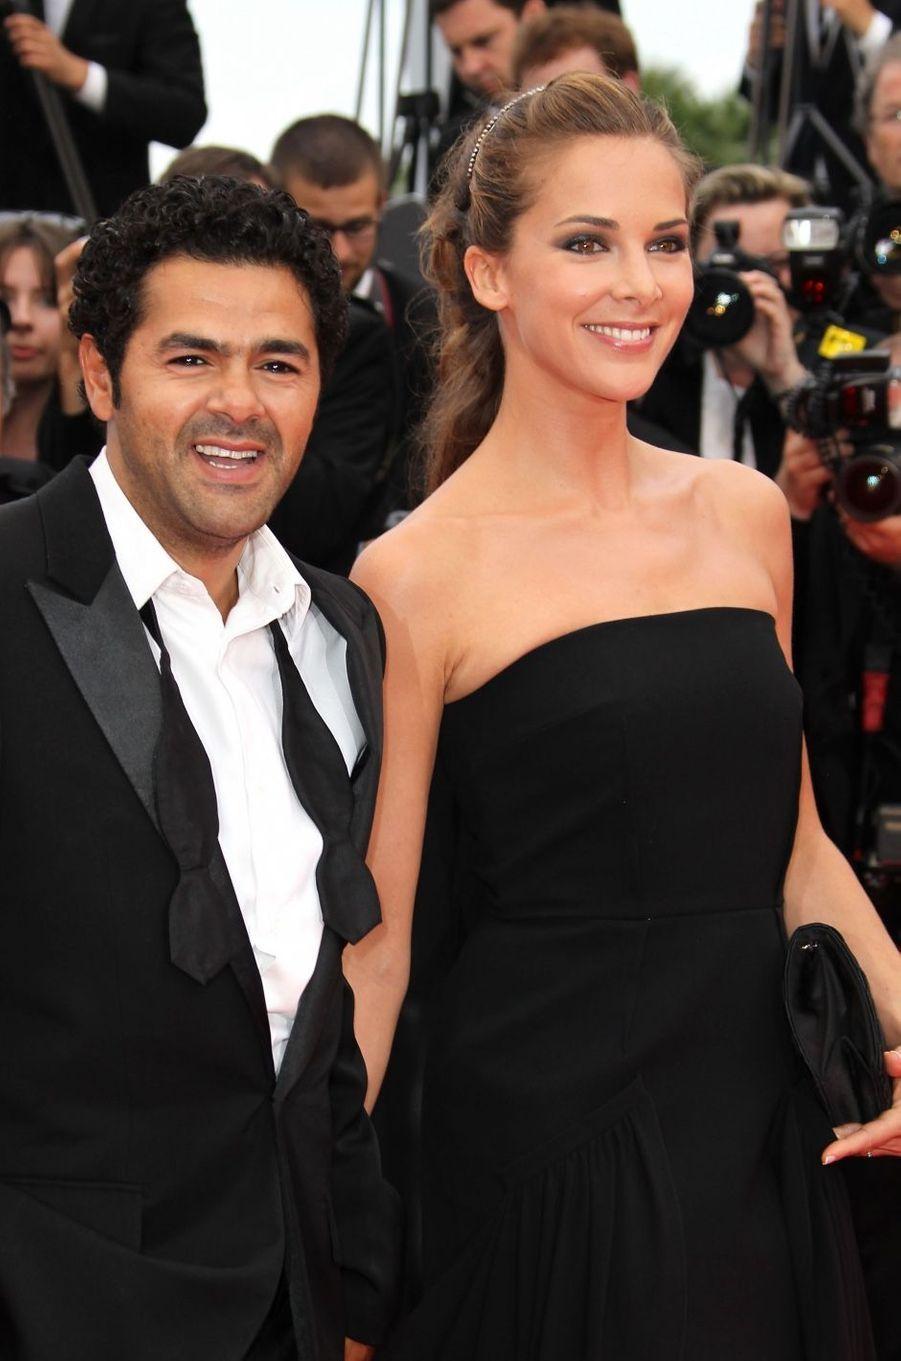 Melissa Theuriau et Jamel Debbouze en 2010. Ils sont mariés depuis 2008 et ont eu deux enfants, Léon et Lila.